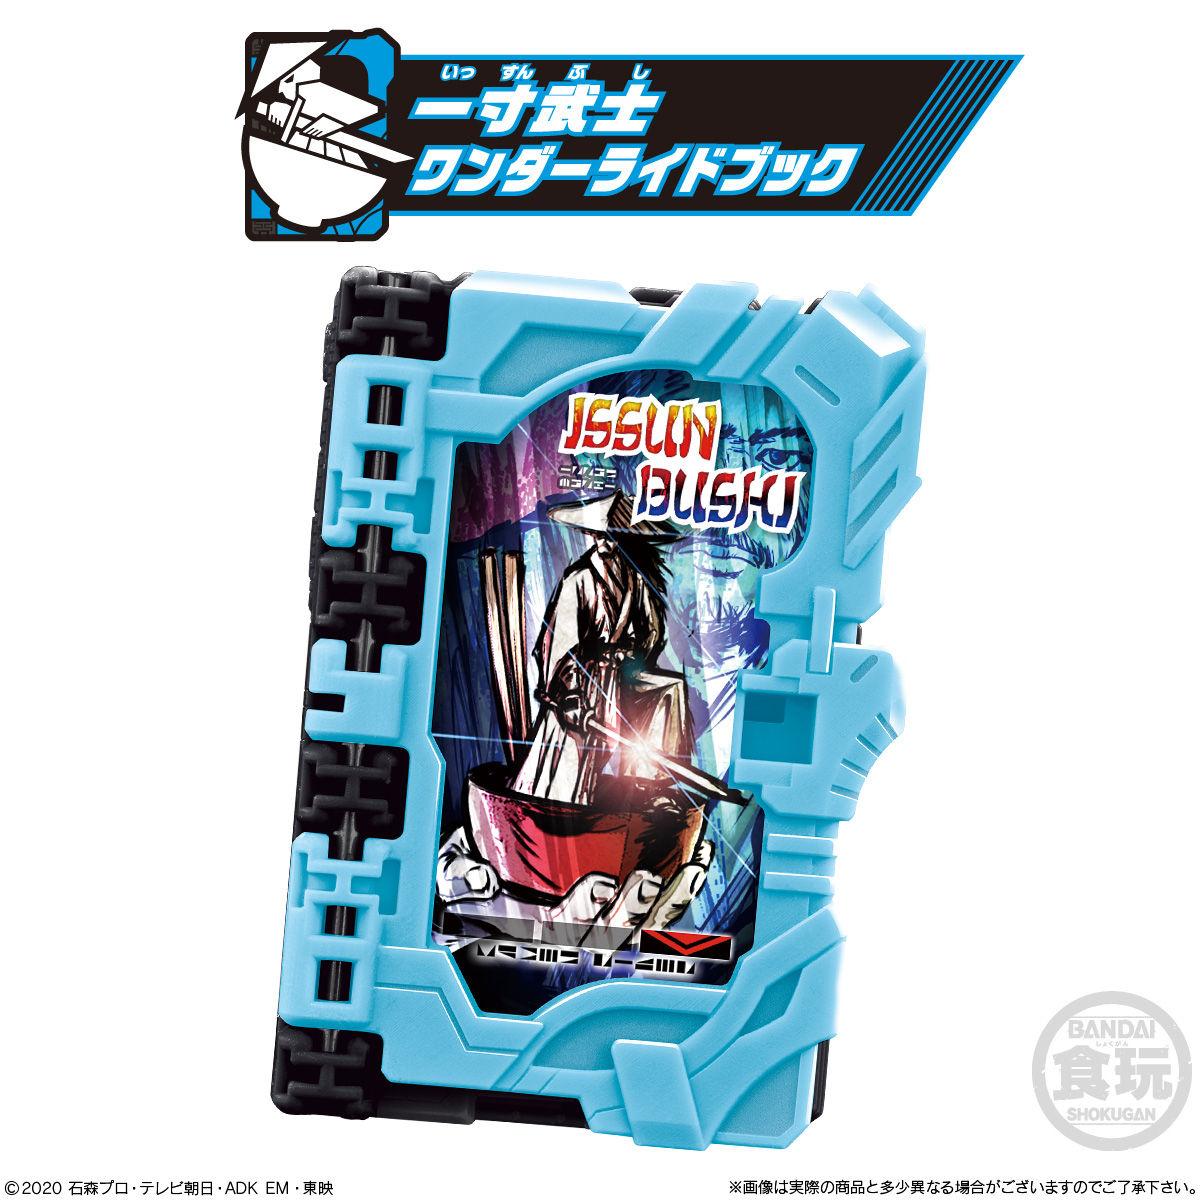 【食玩】仮面ライダーセイバー『コレクタブルワンダーライドブック SG04』8個入りBOX-006